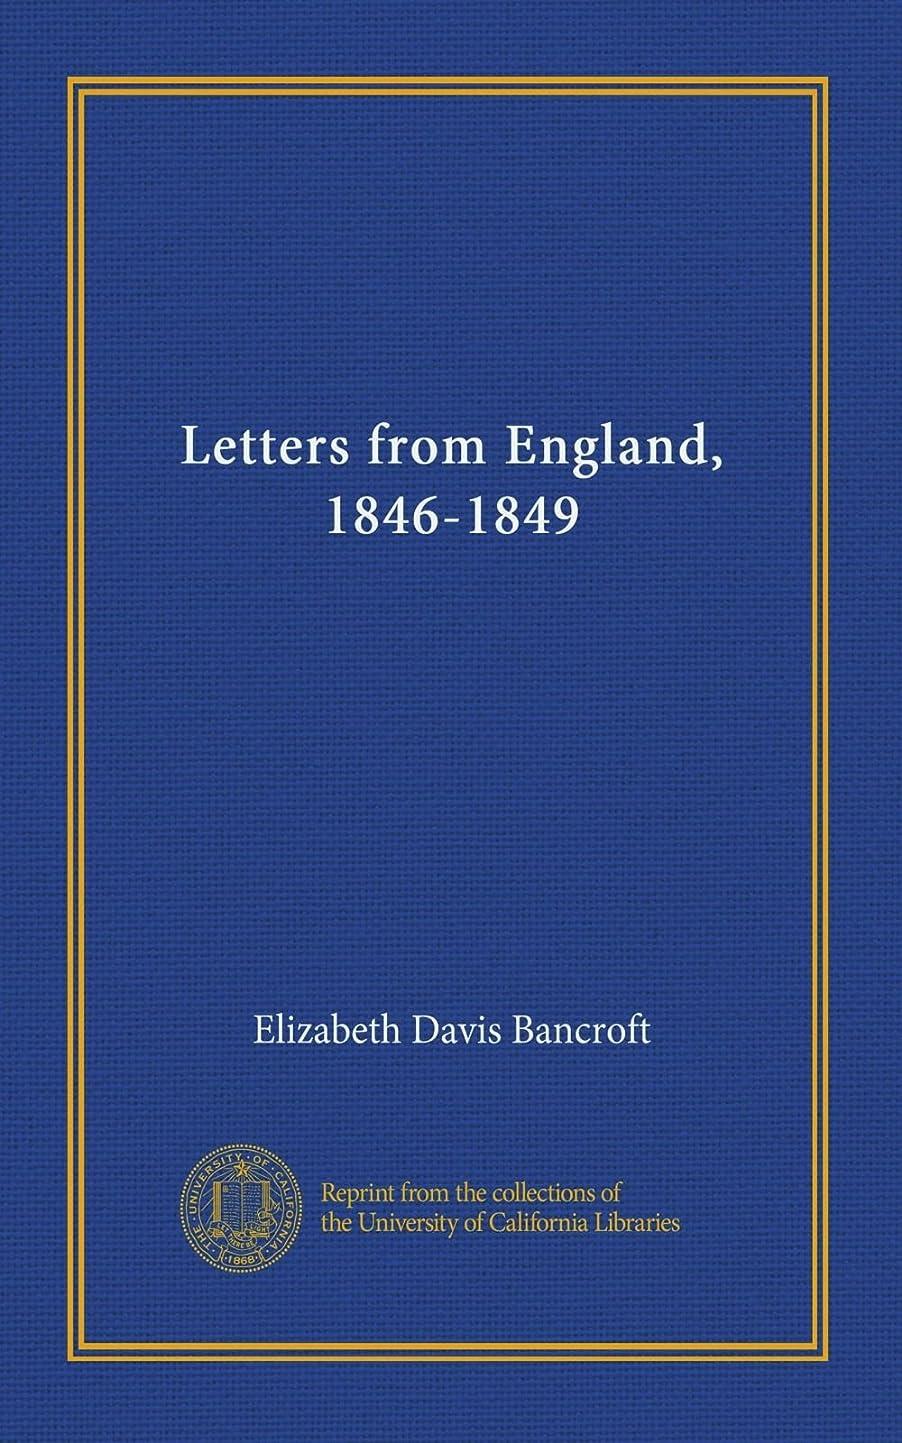 ひどくクリープブラケットLetters from England, 1846-1849